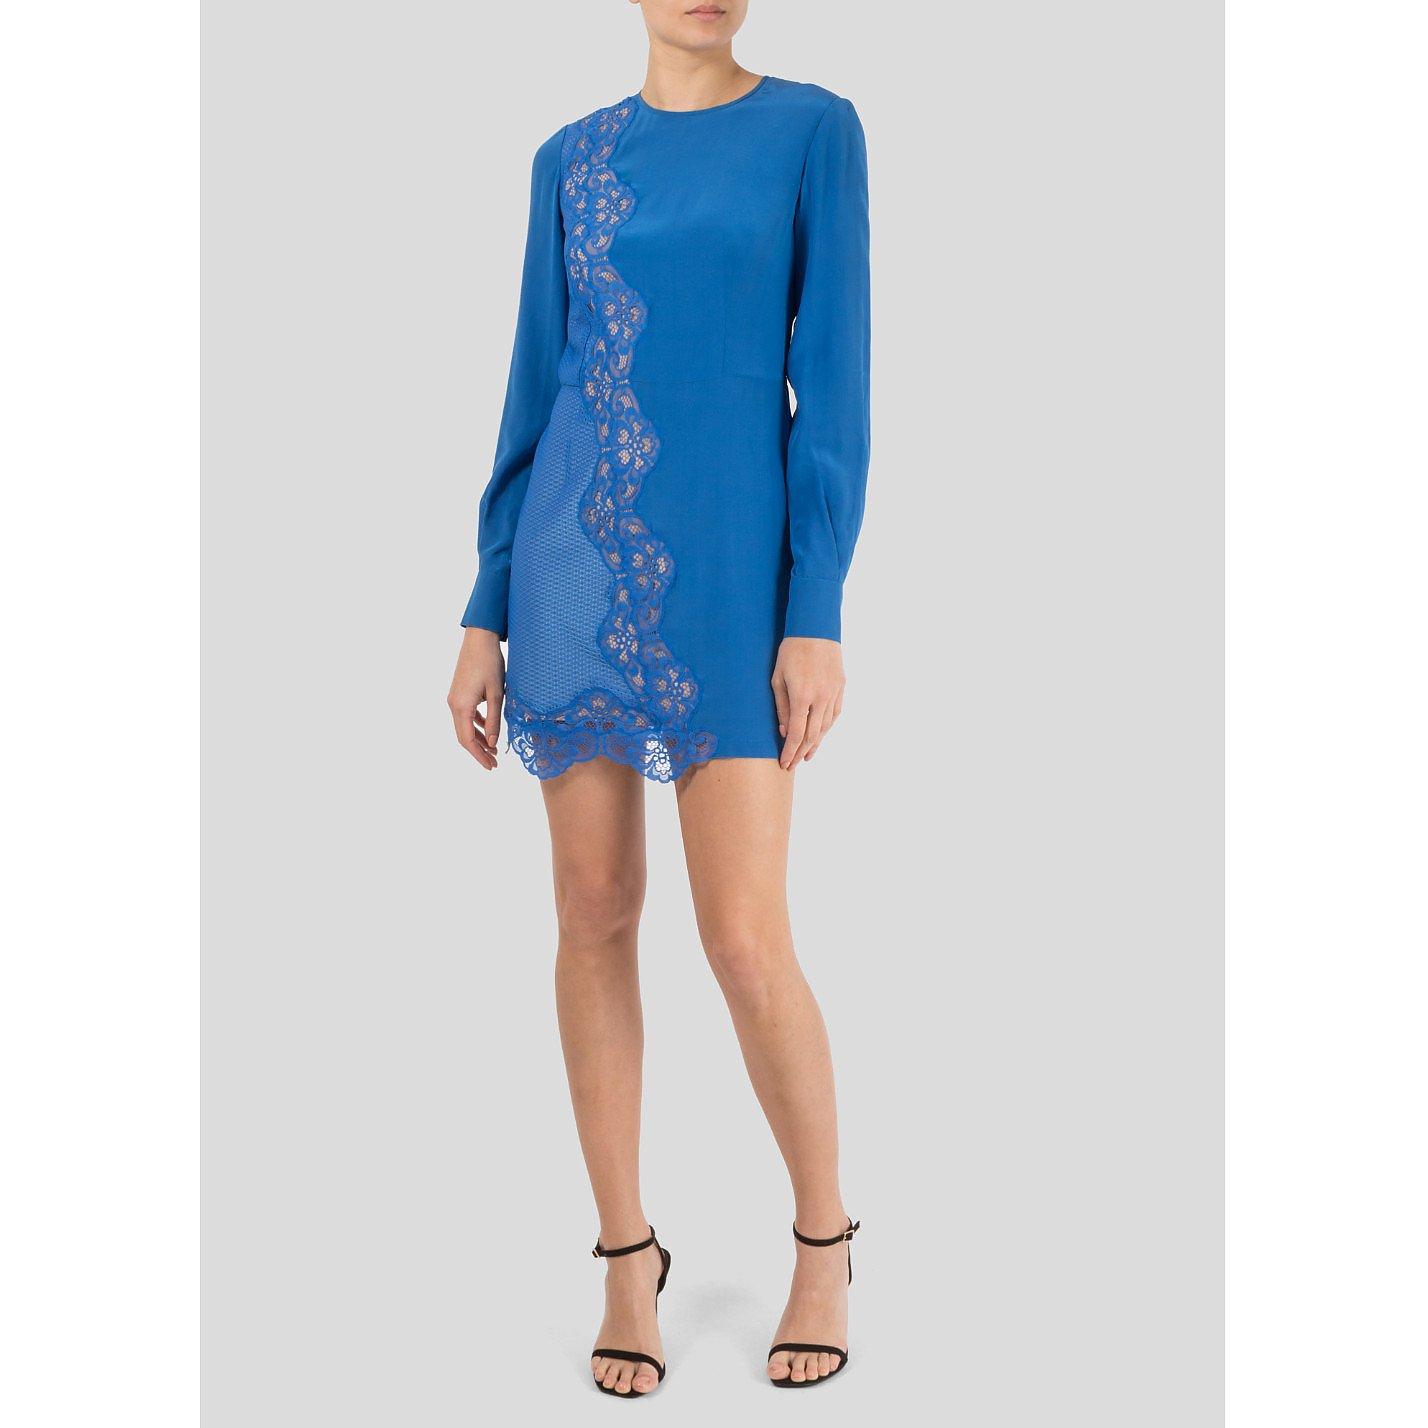 Stella McCartney Joan Silk And Lace Dress